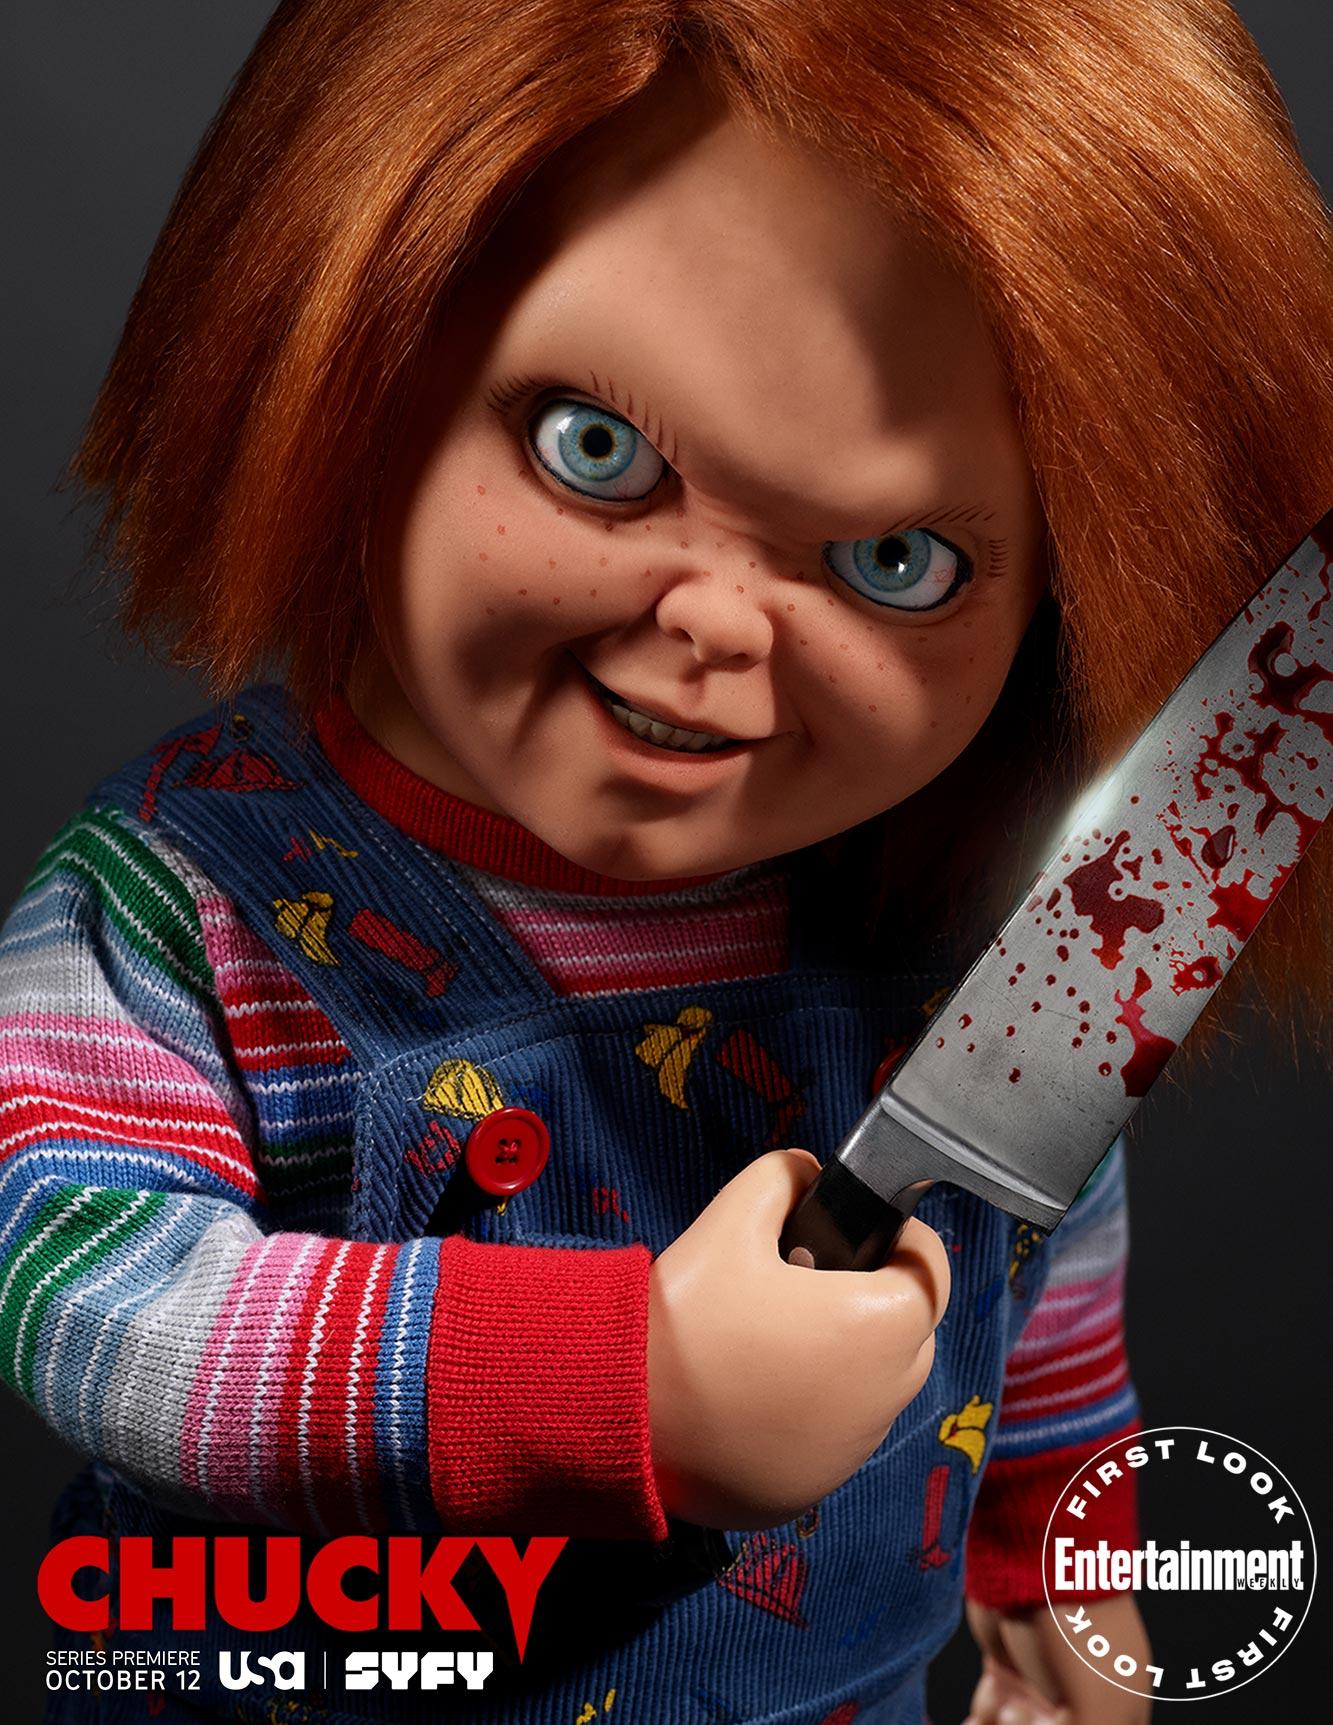 Chucky affiche série SyFy